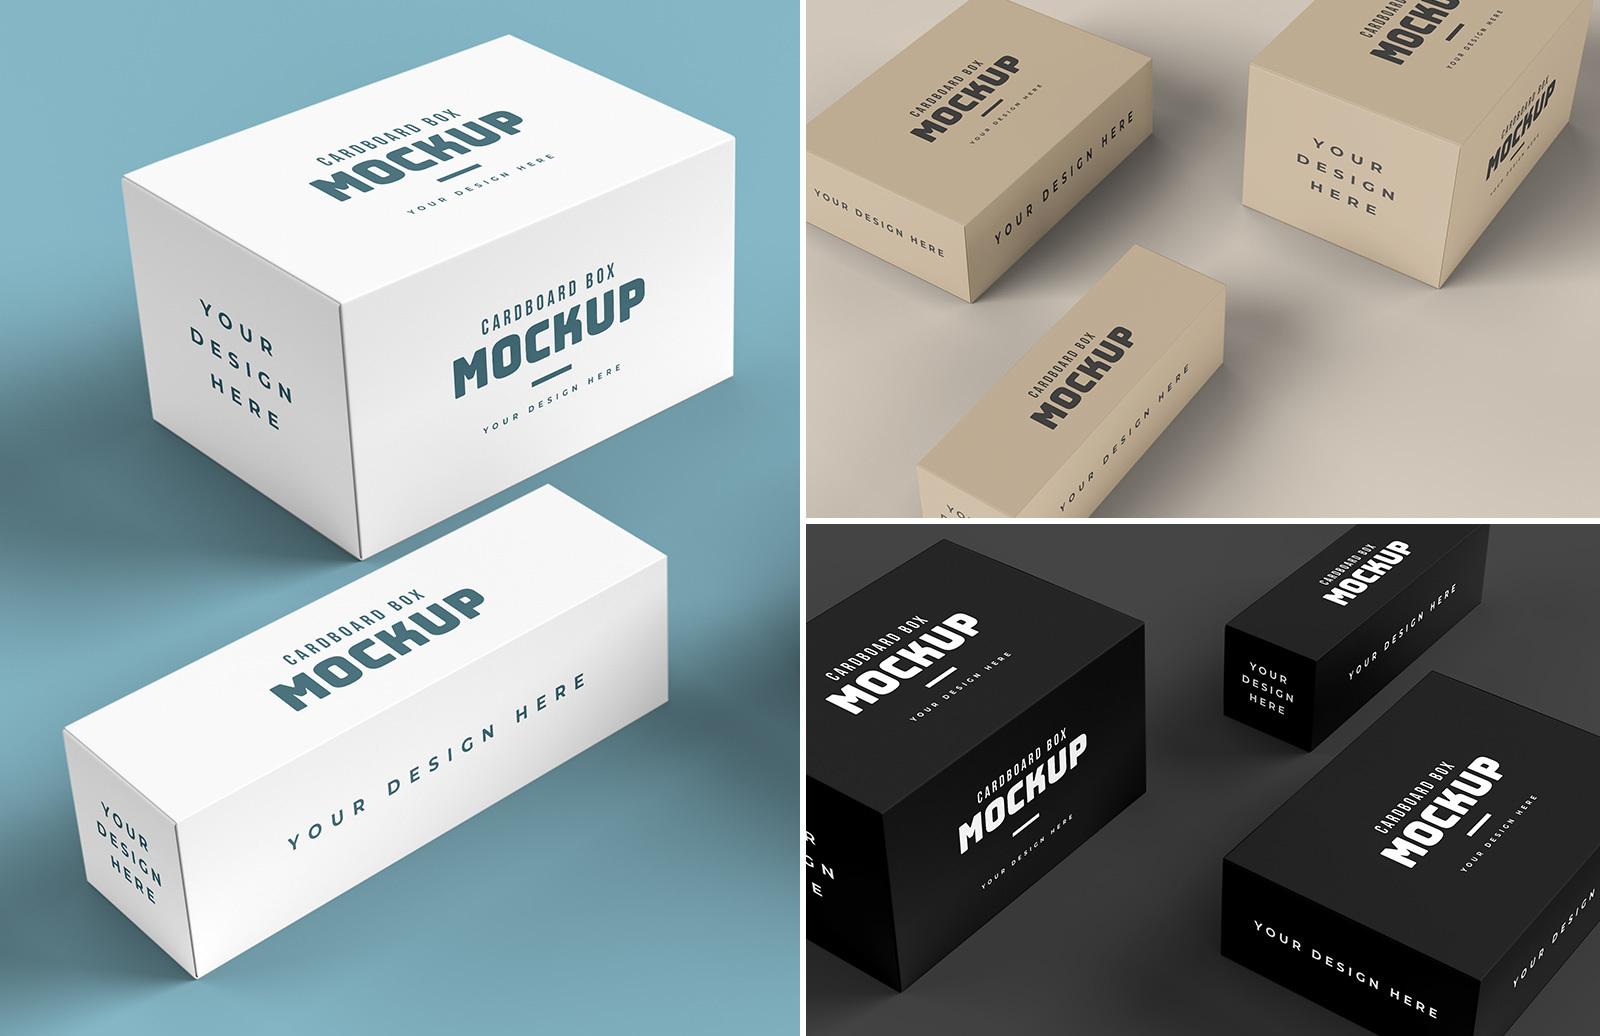 Cardboard Box Mockup Scenes Preview 1D